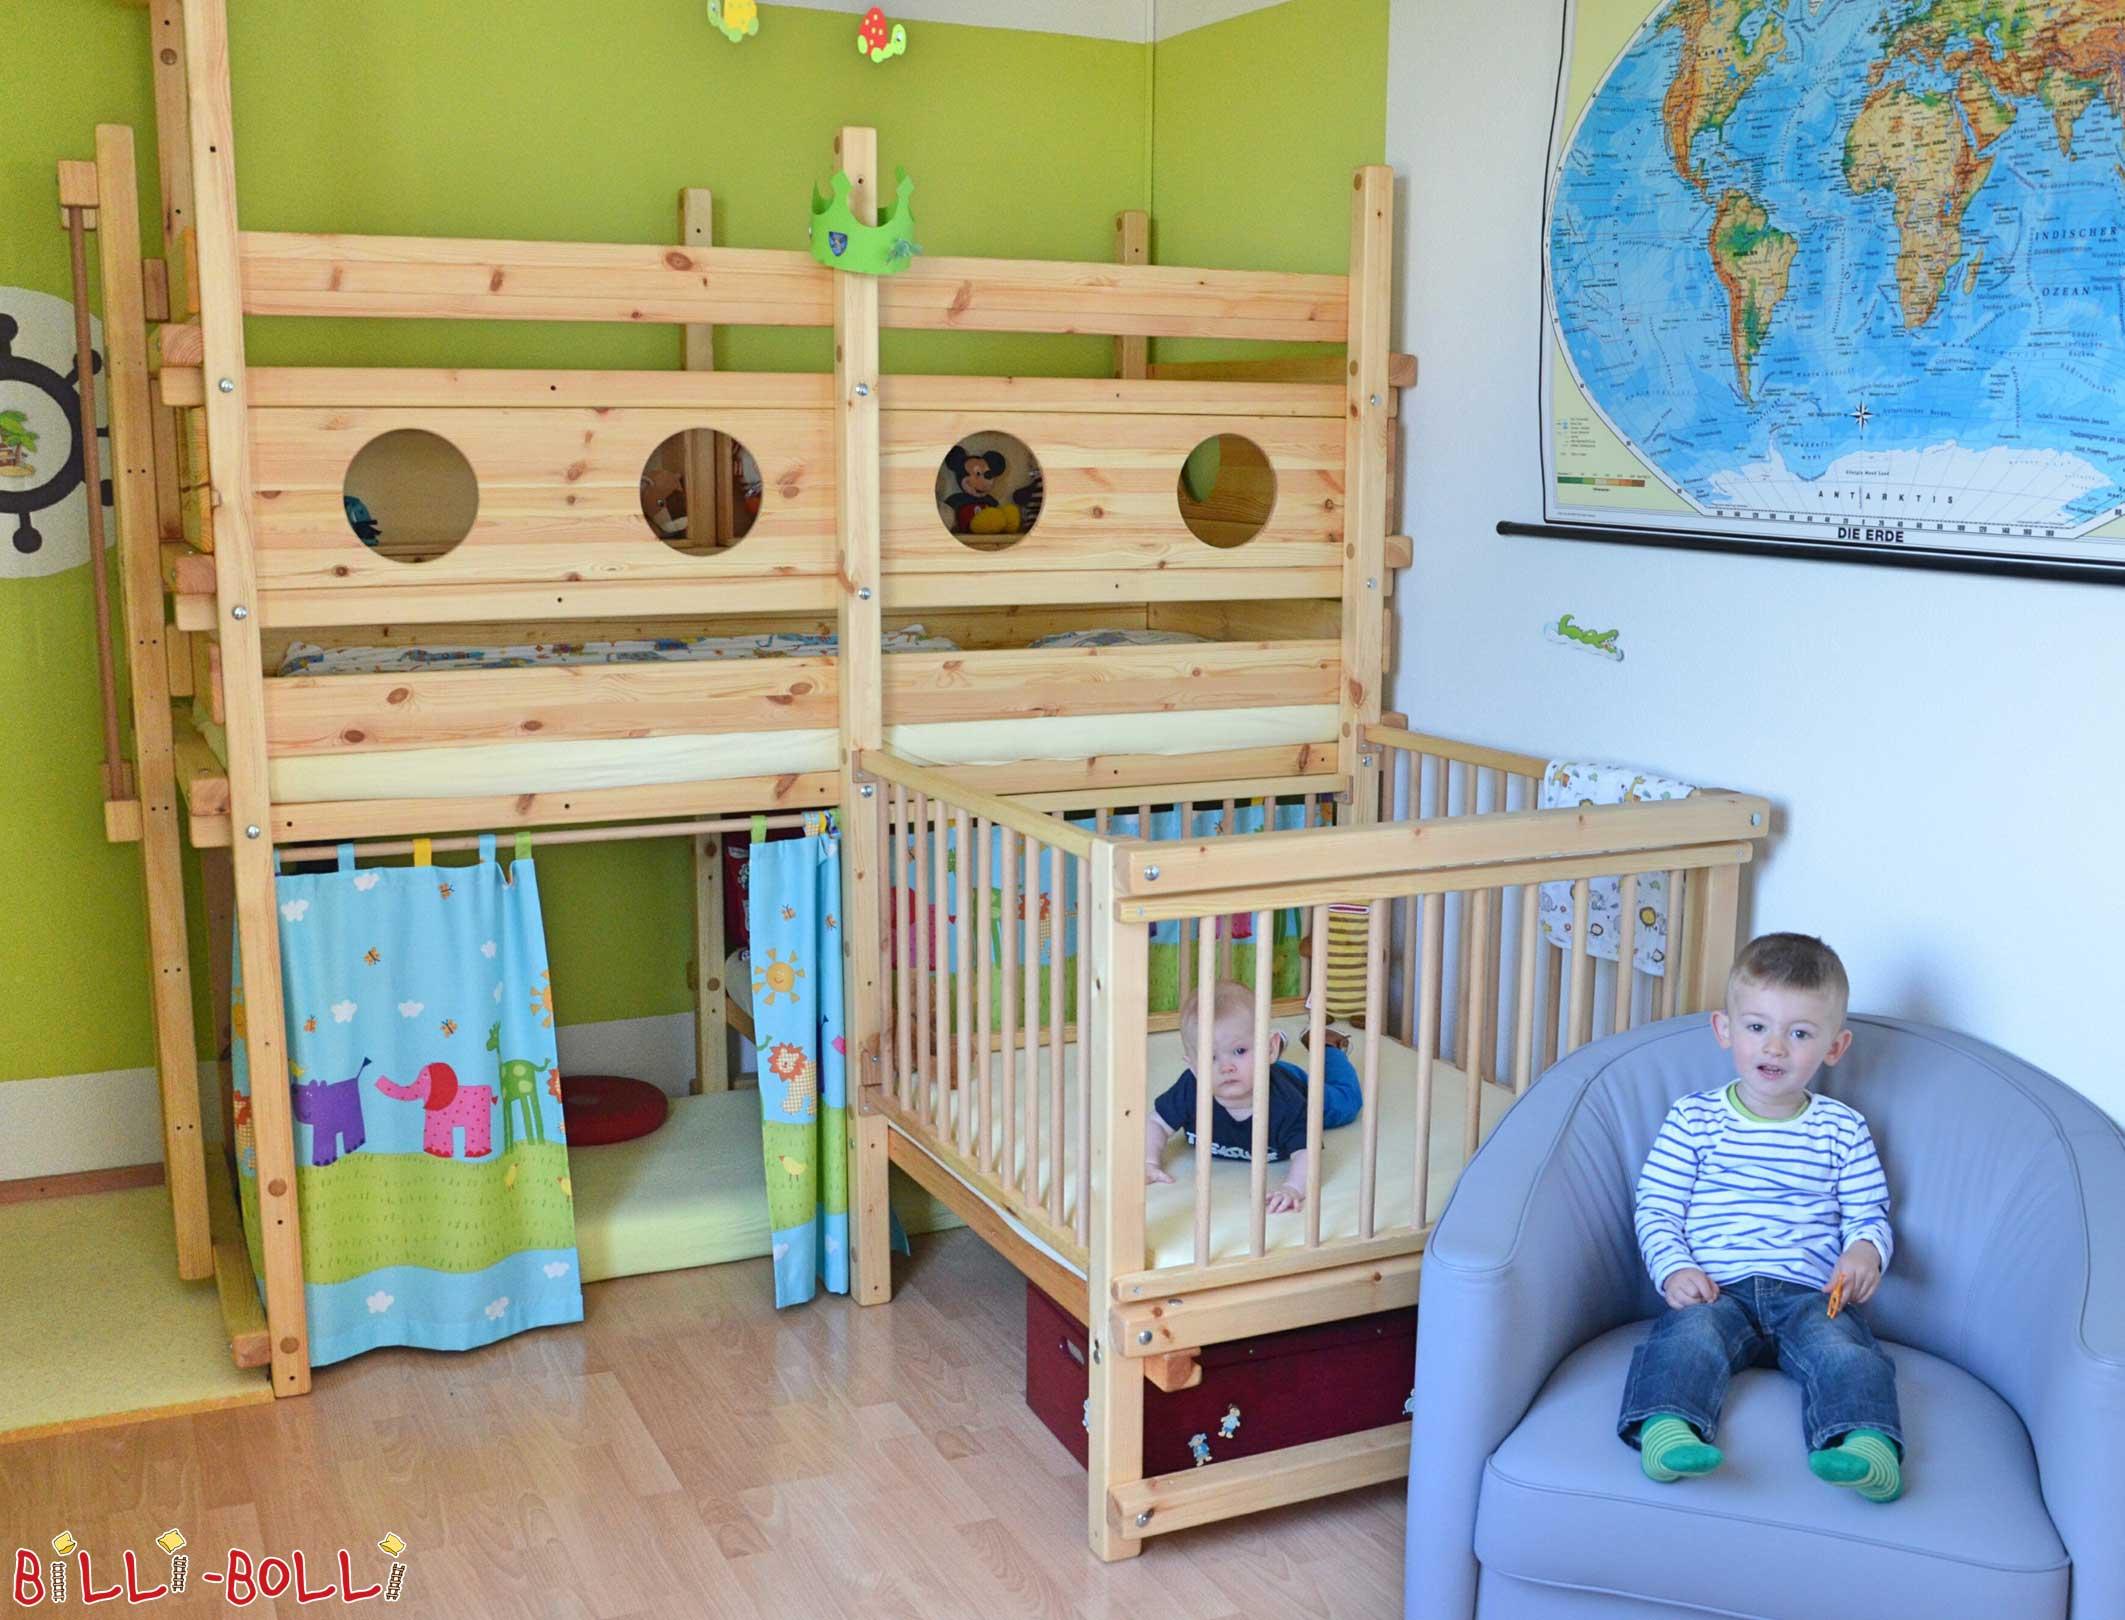 Etagenbett Unten Baby : Etagenbett über eck billi bolli kindermöbel